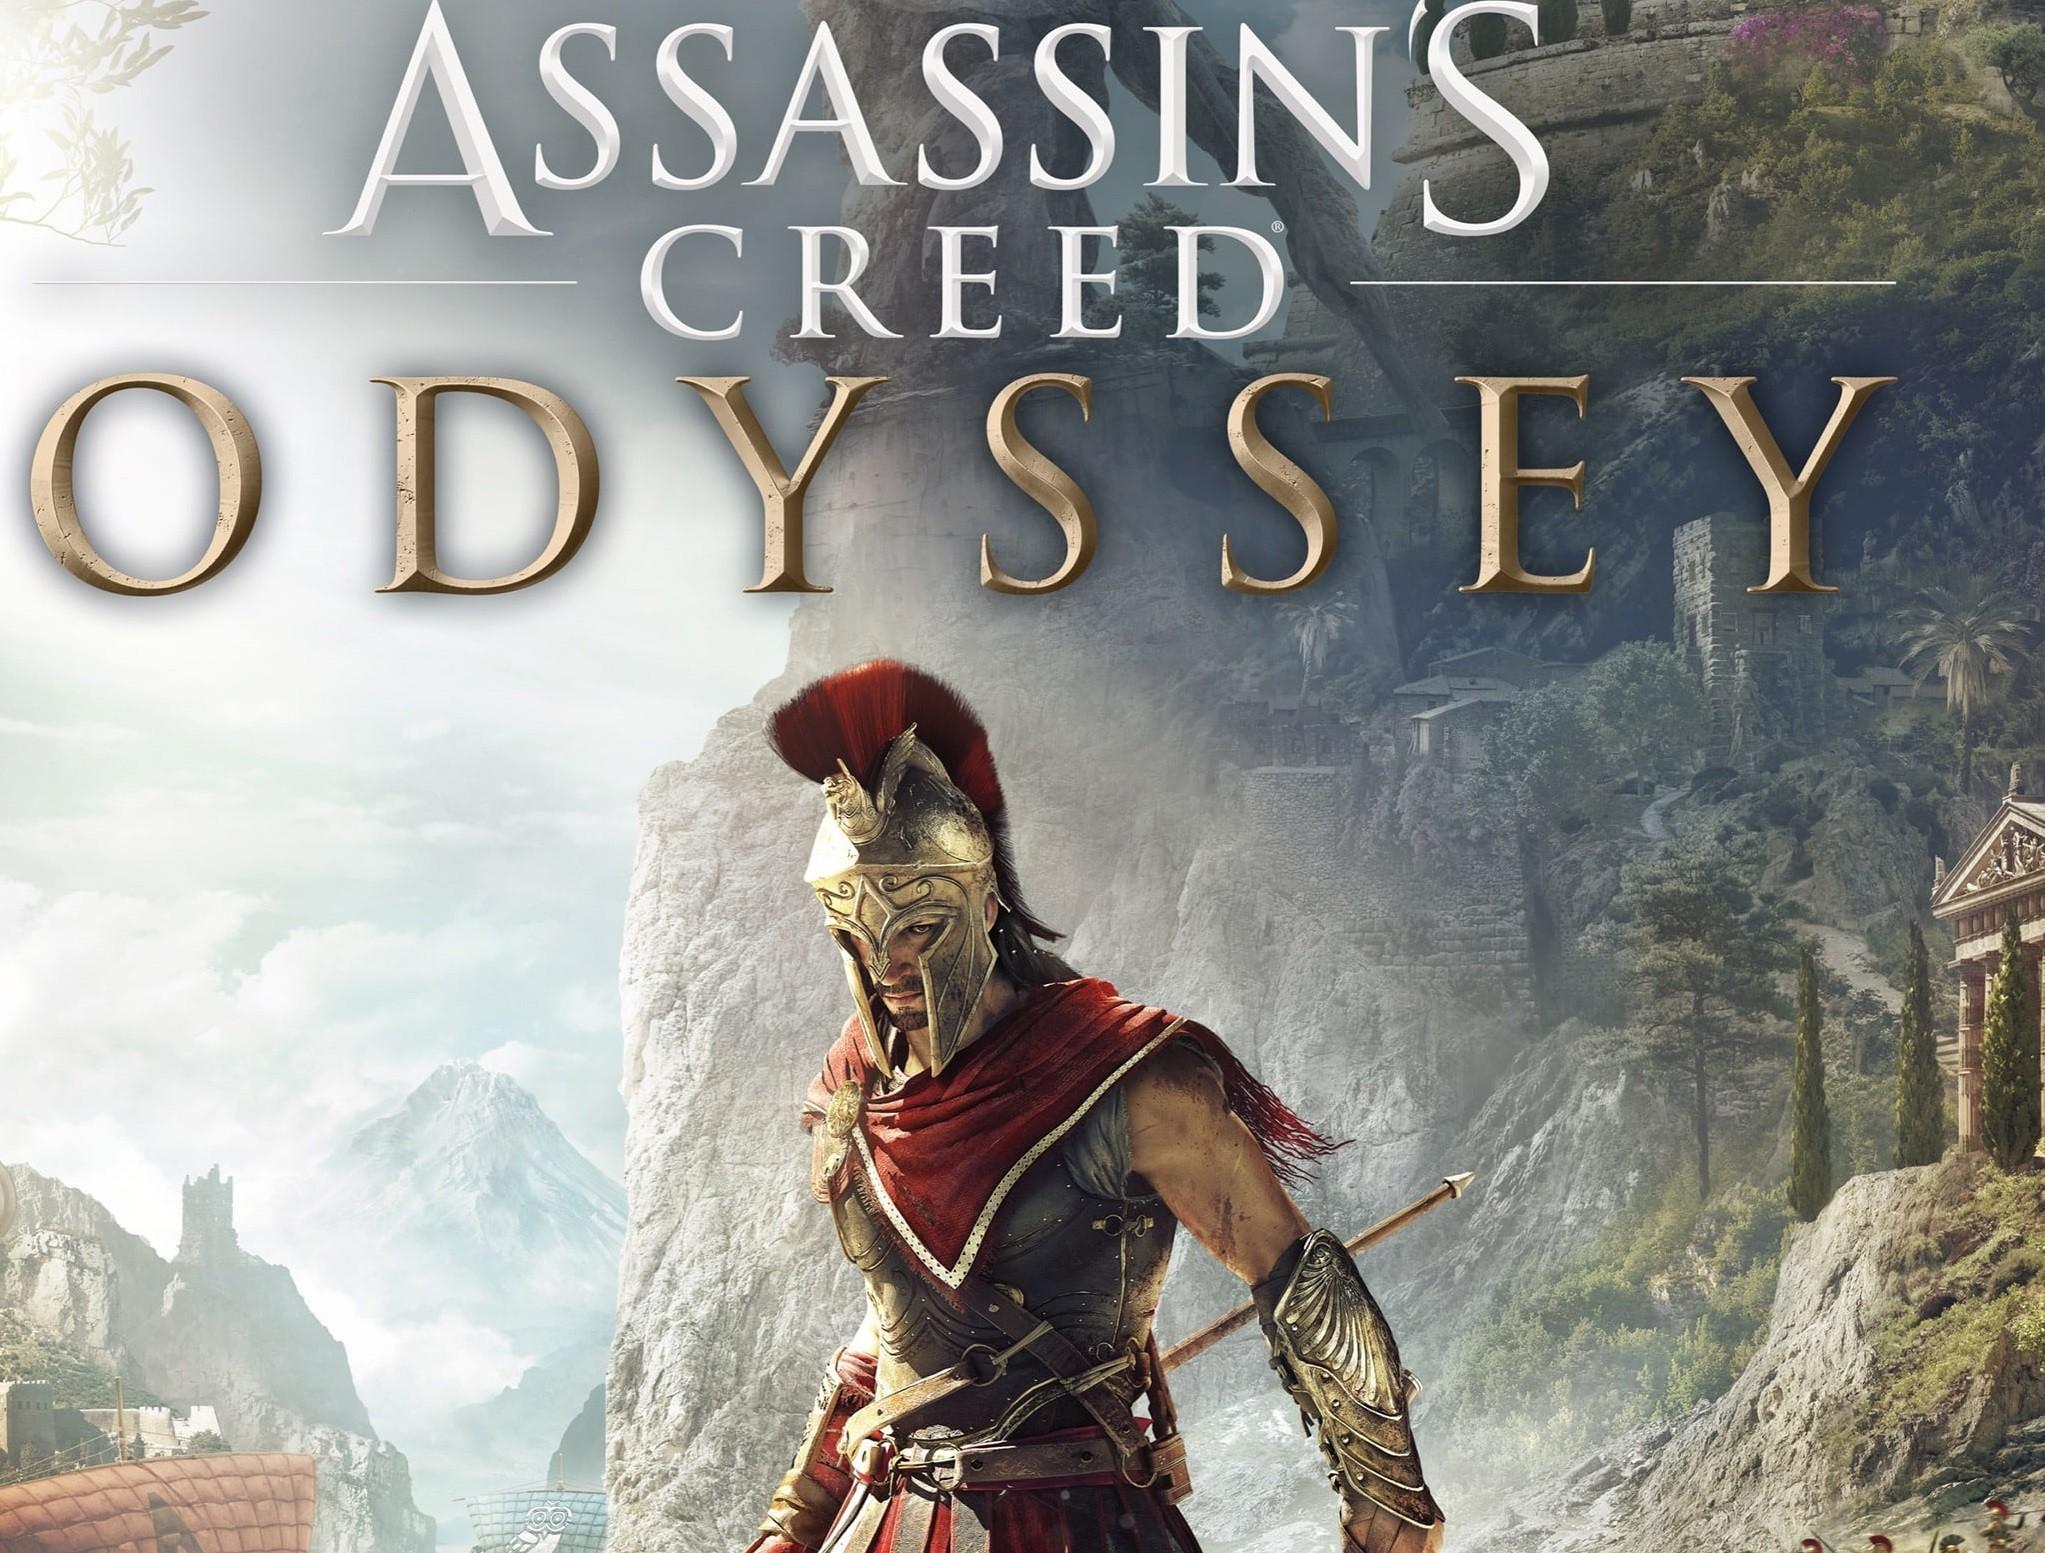 چرا باید Assassins creed odyssey را تجربه کنیم ؟